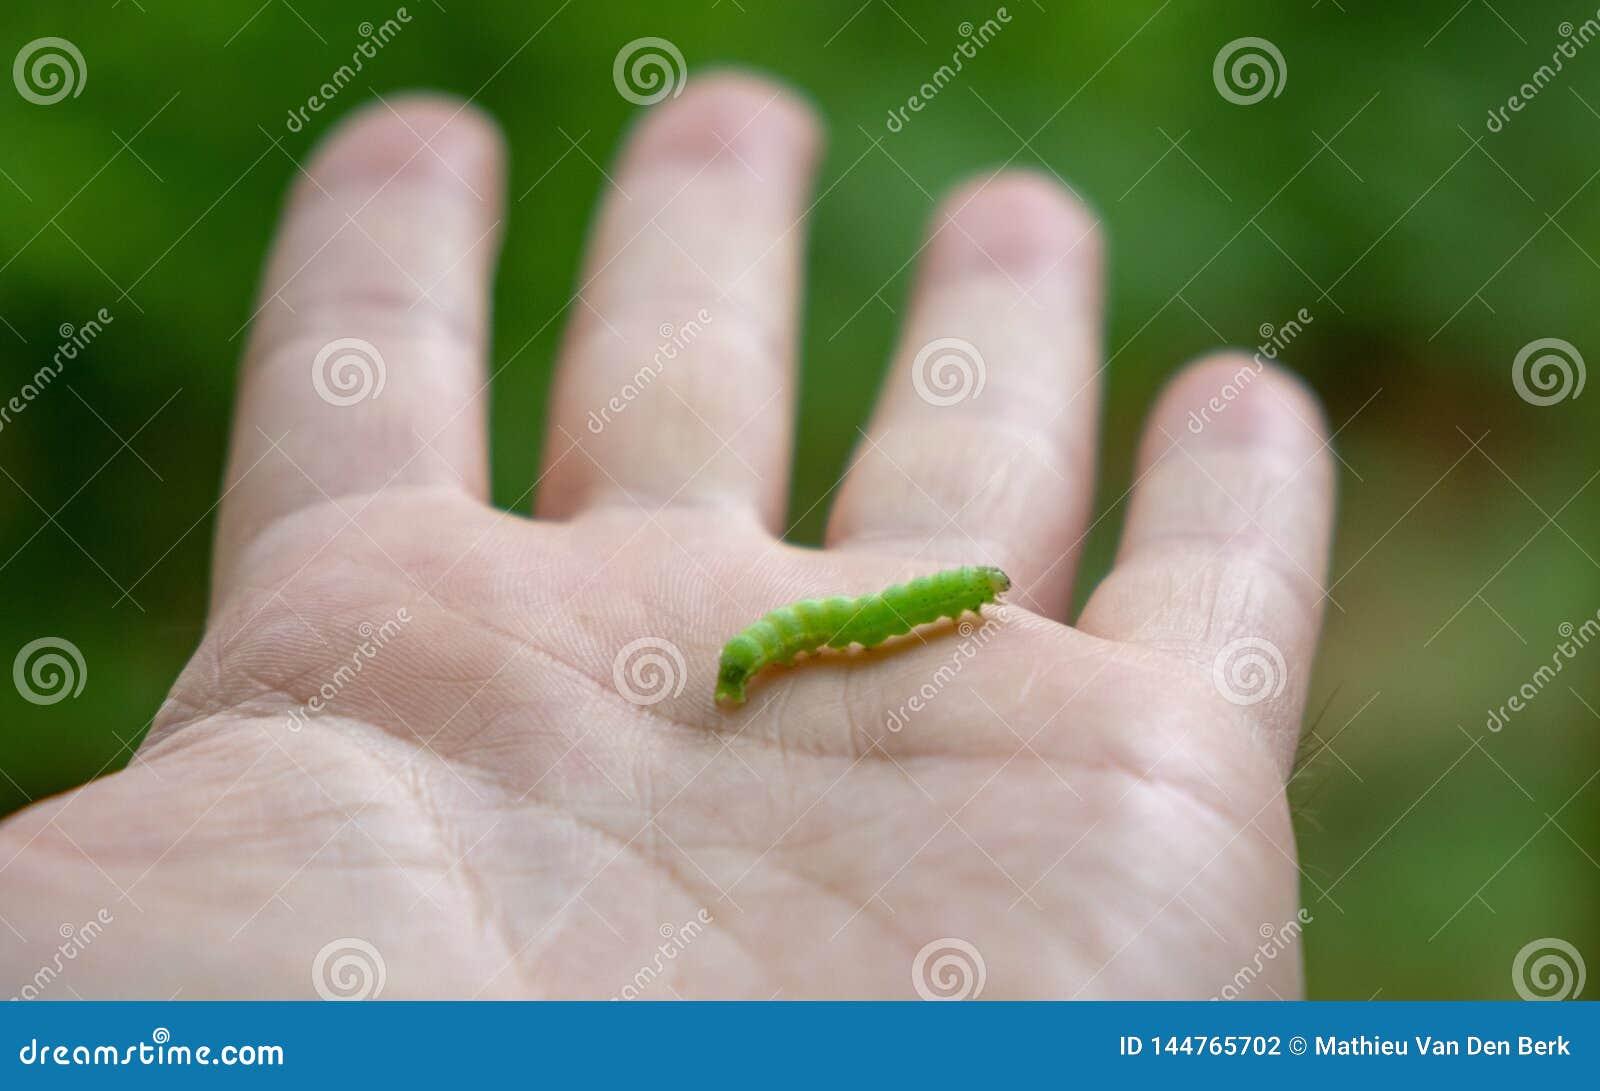 Den lilla larven på en mans handwitrh blir grund djup